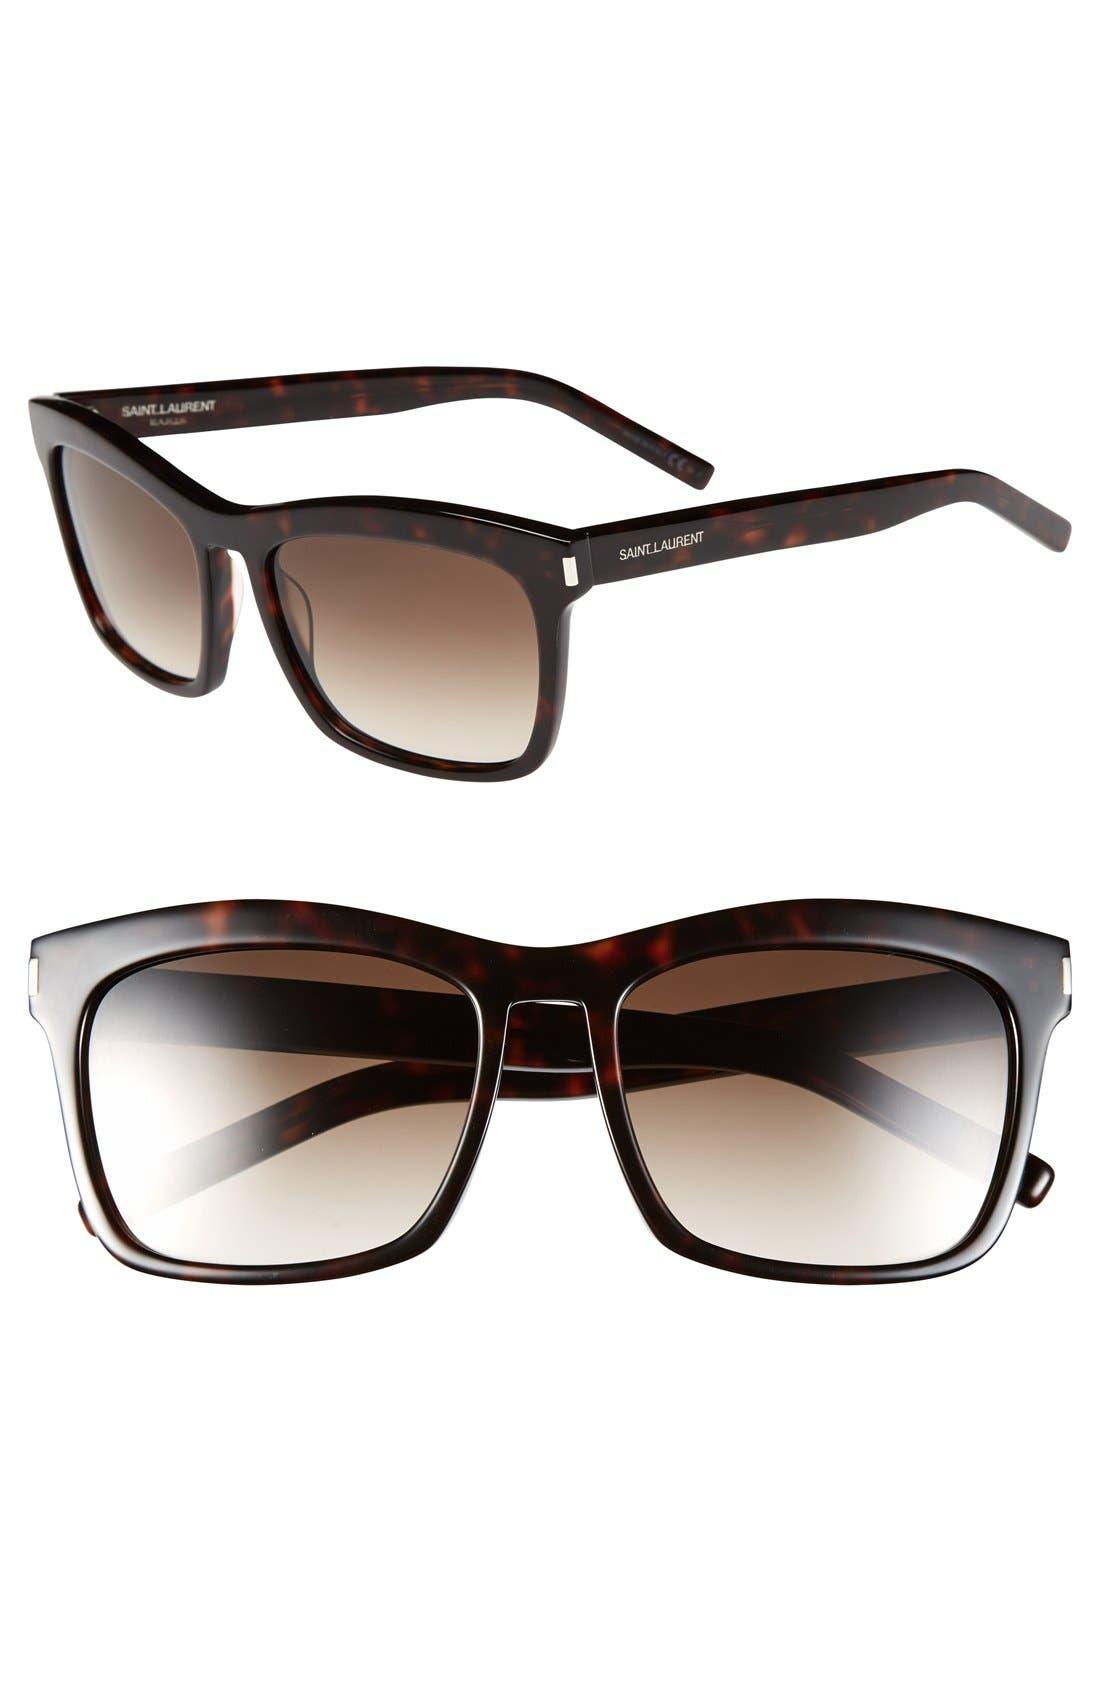 Main Image - Saint Laurent 56mm Retro Sunglasses